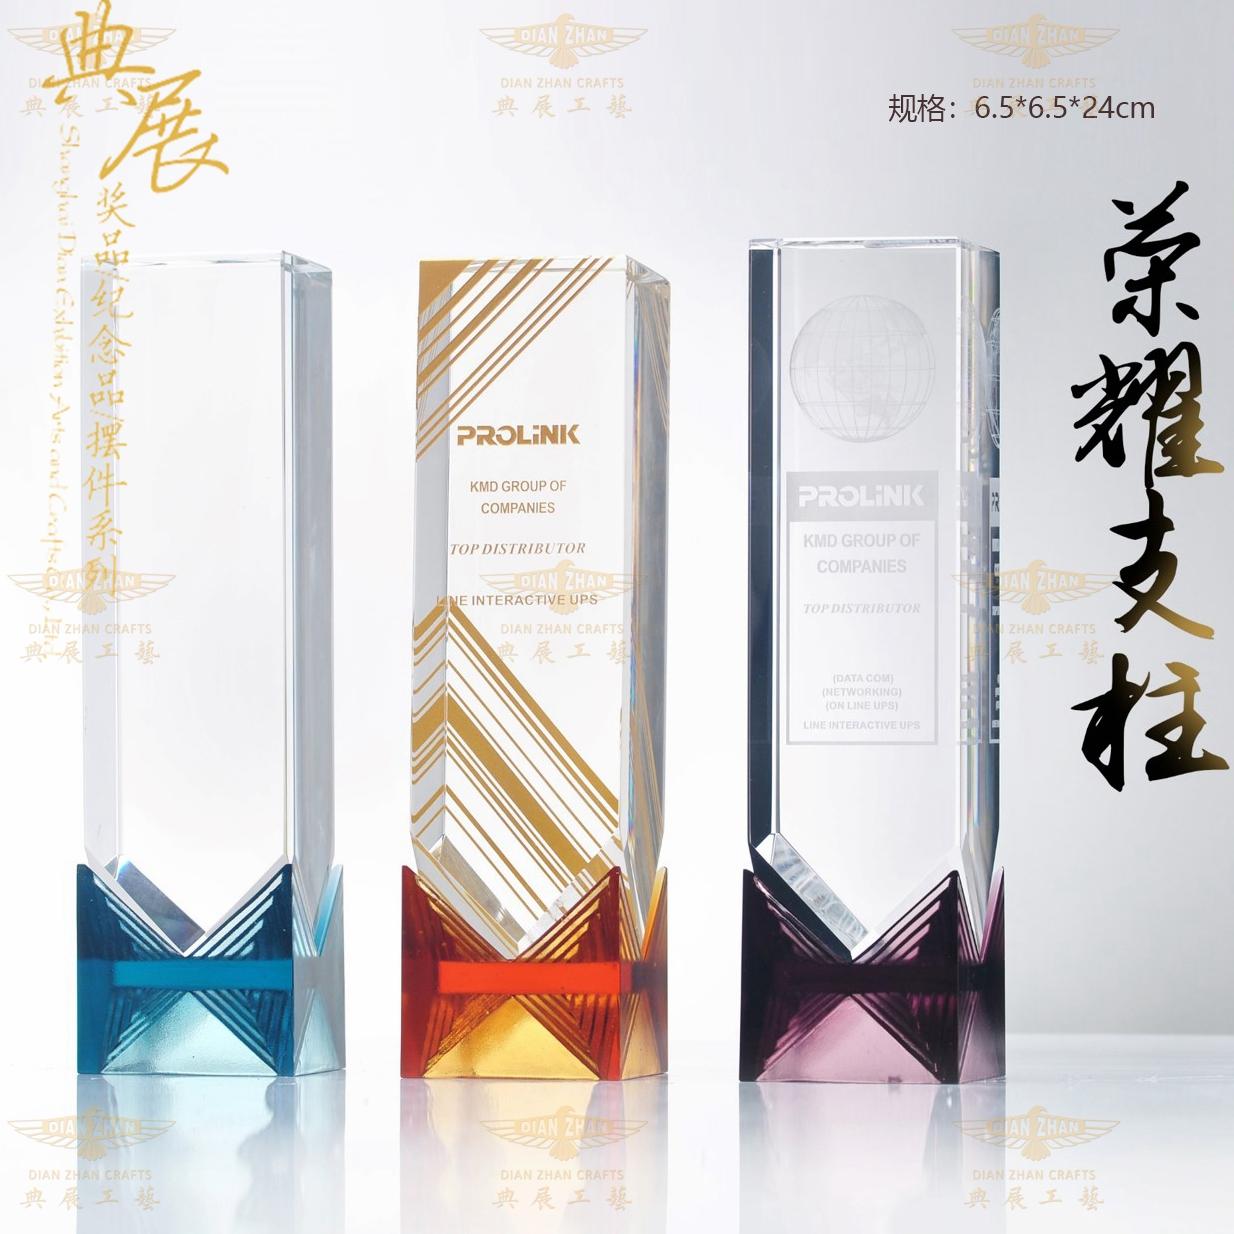 天津保險公司表彰獎杯,單位榮譽獎杯獎章,琉璃獎杯價格